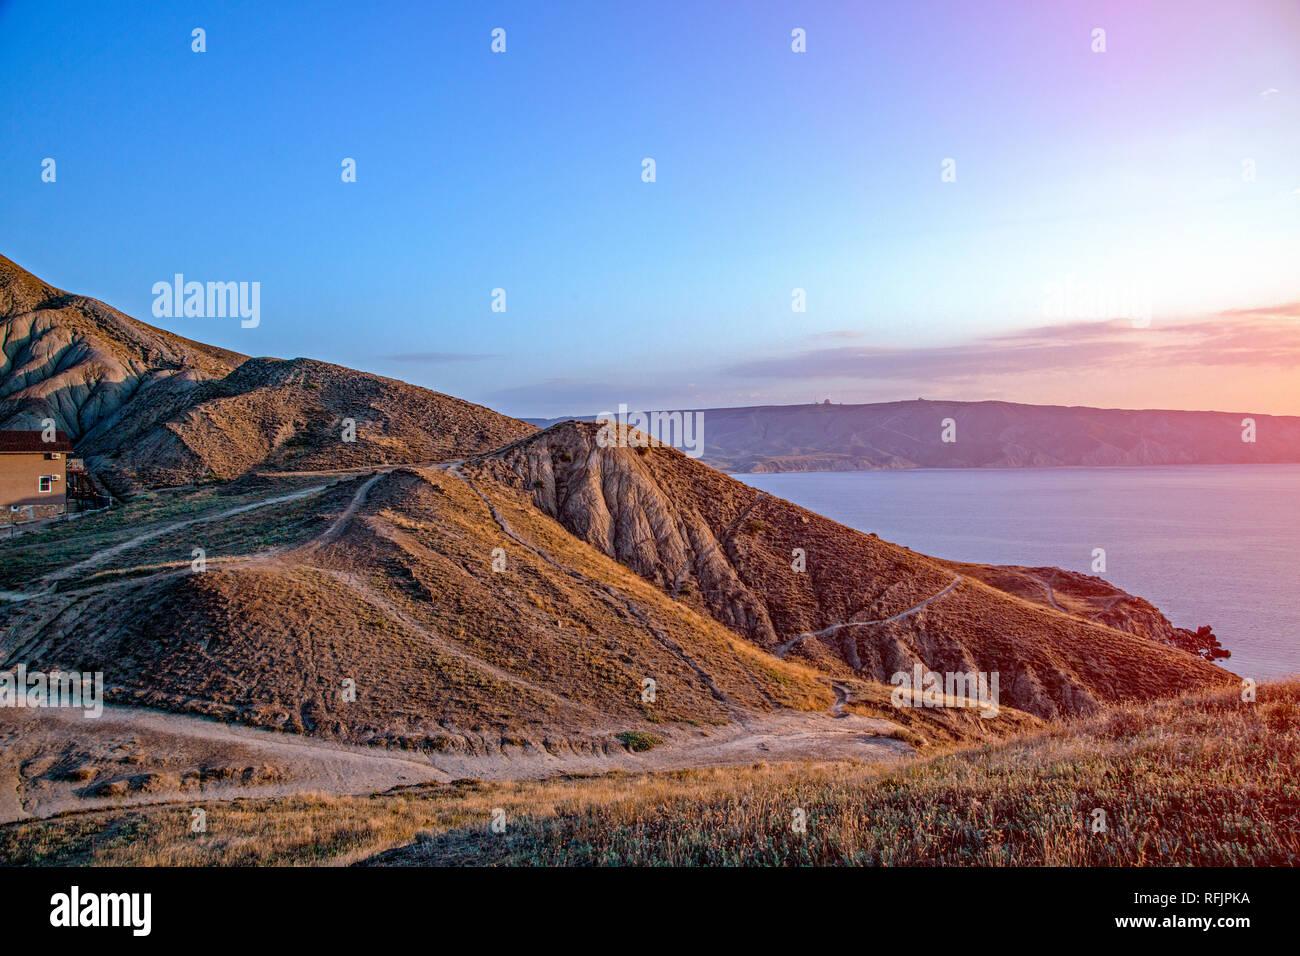 Impresionantes vistas al mar desde la cima de la colina con la puesta de sol Foto de stock